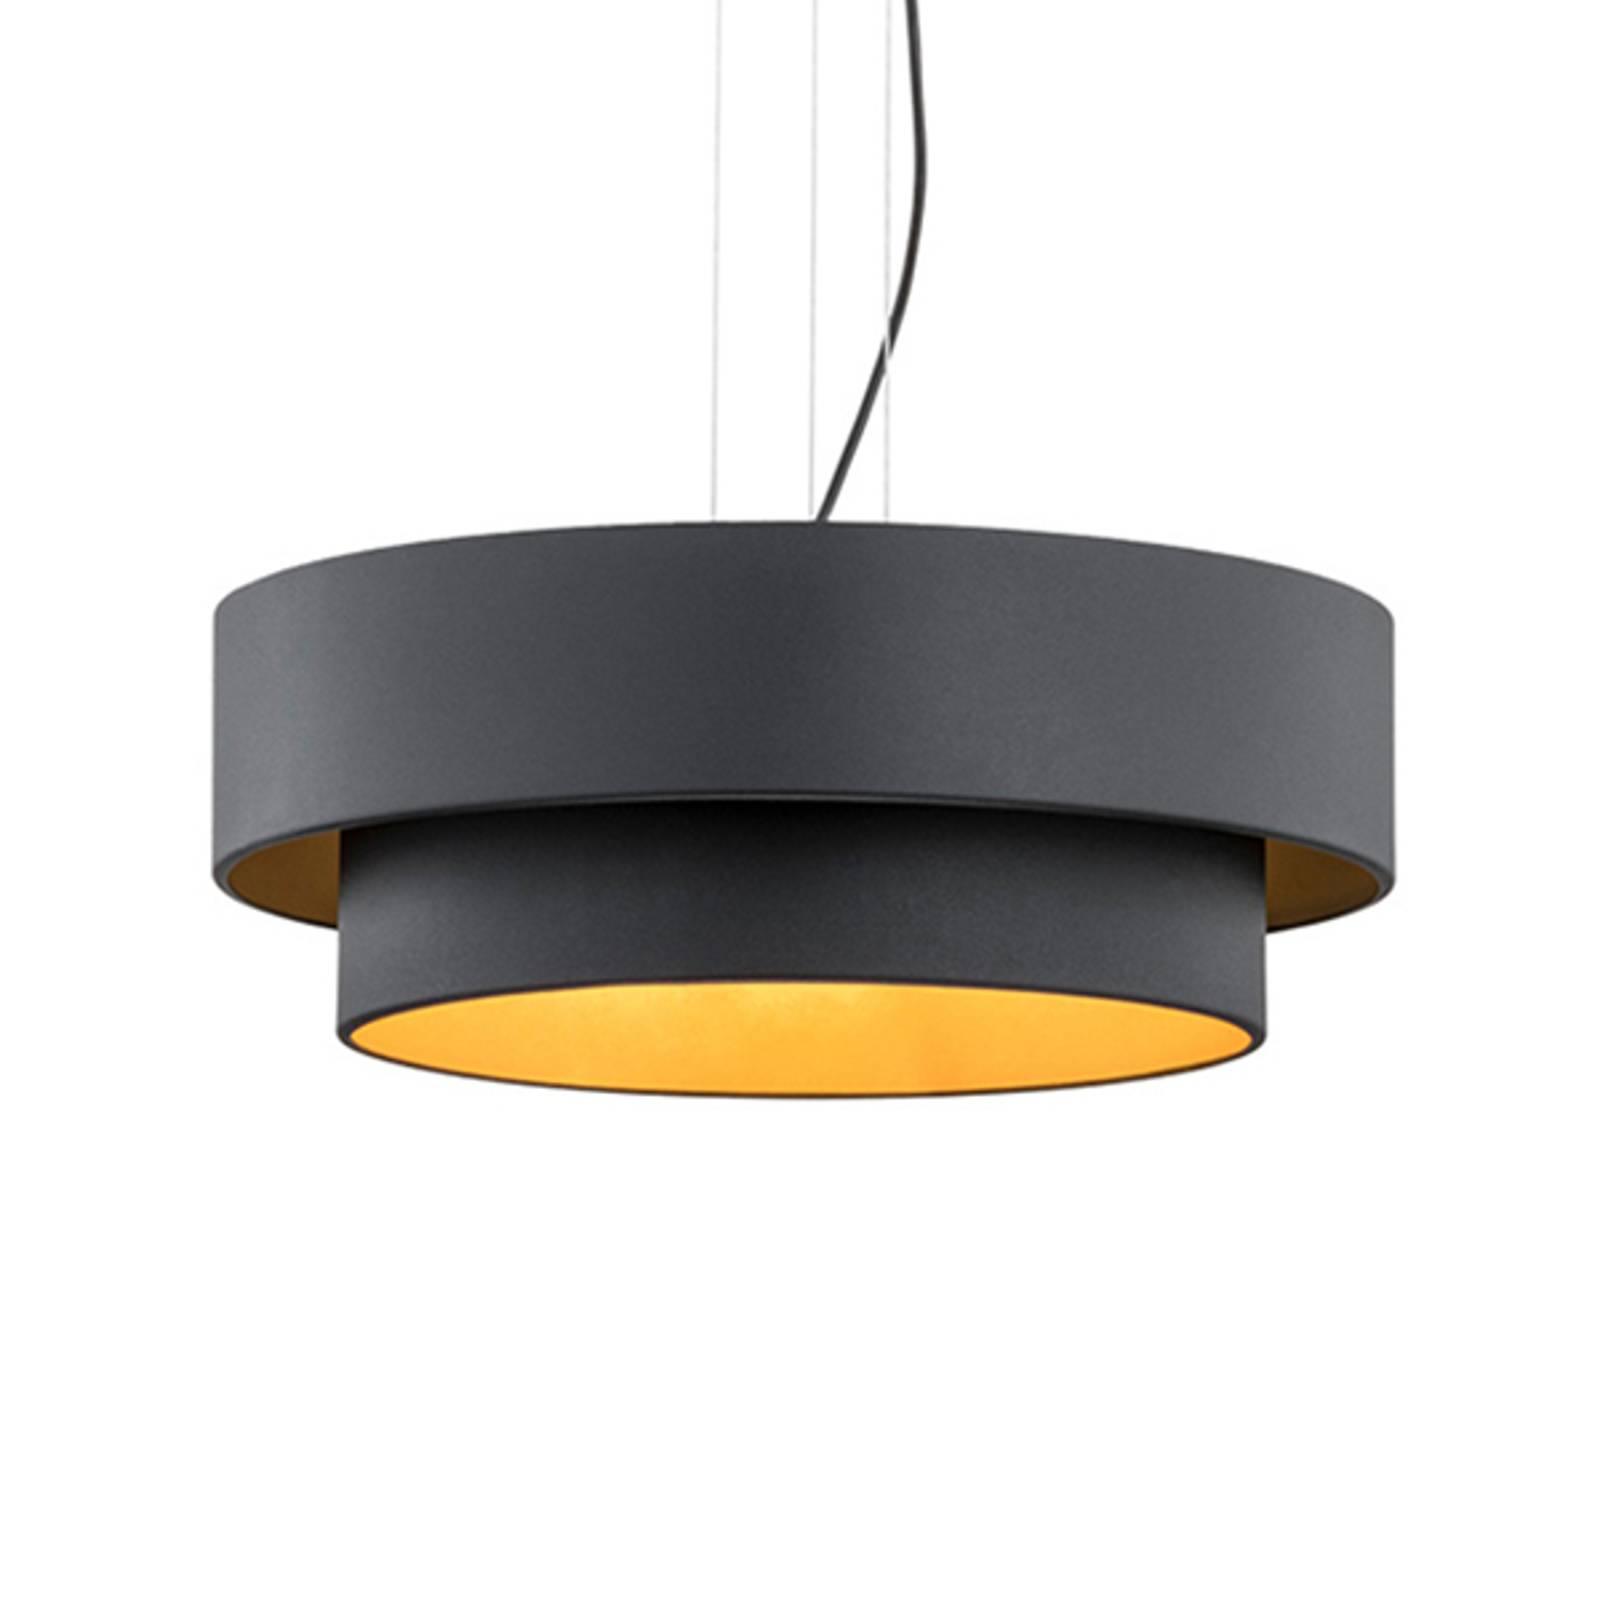 Suspension Fredik, Ø 60 cm, noire/dorée